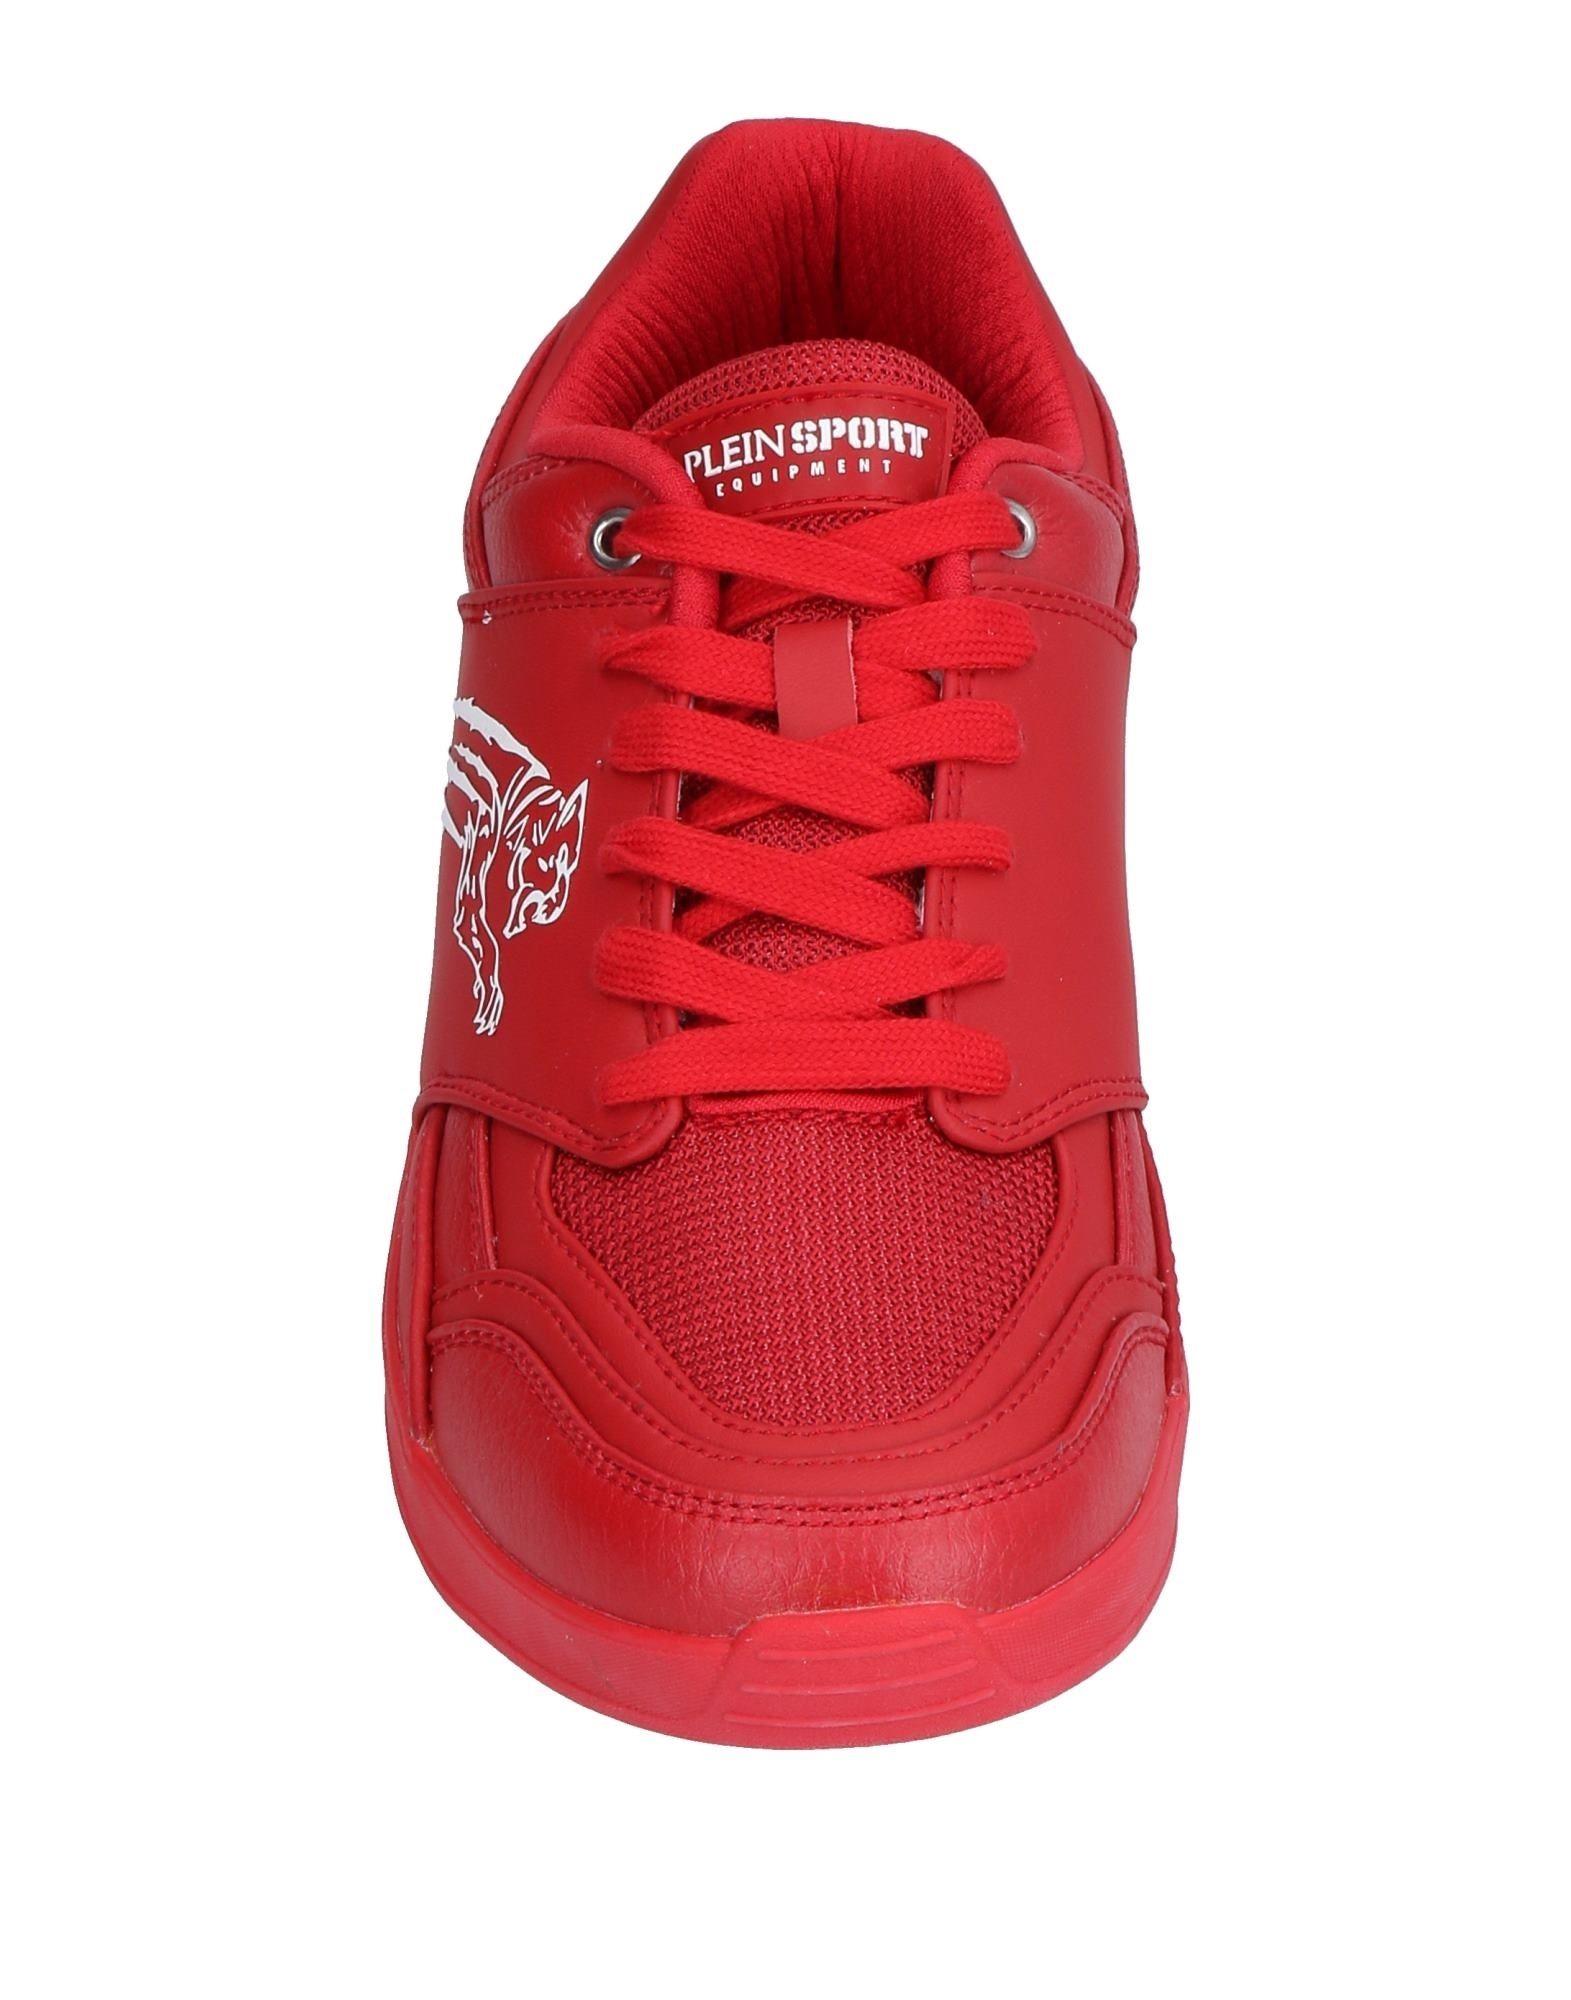 Rabatt Sneakers echte Schuhe Plein Sport Sneakers Rabatt Herren  11505814UV fb605c